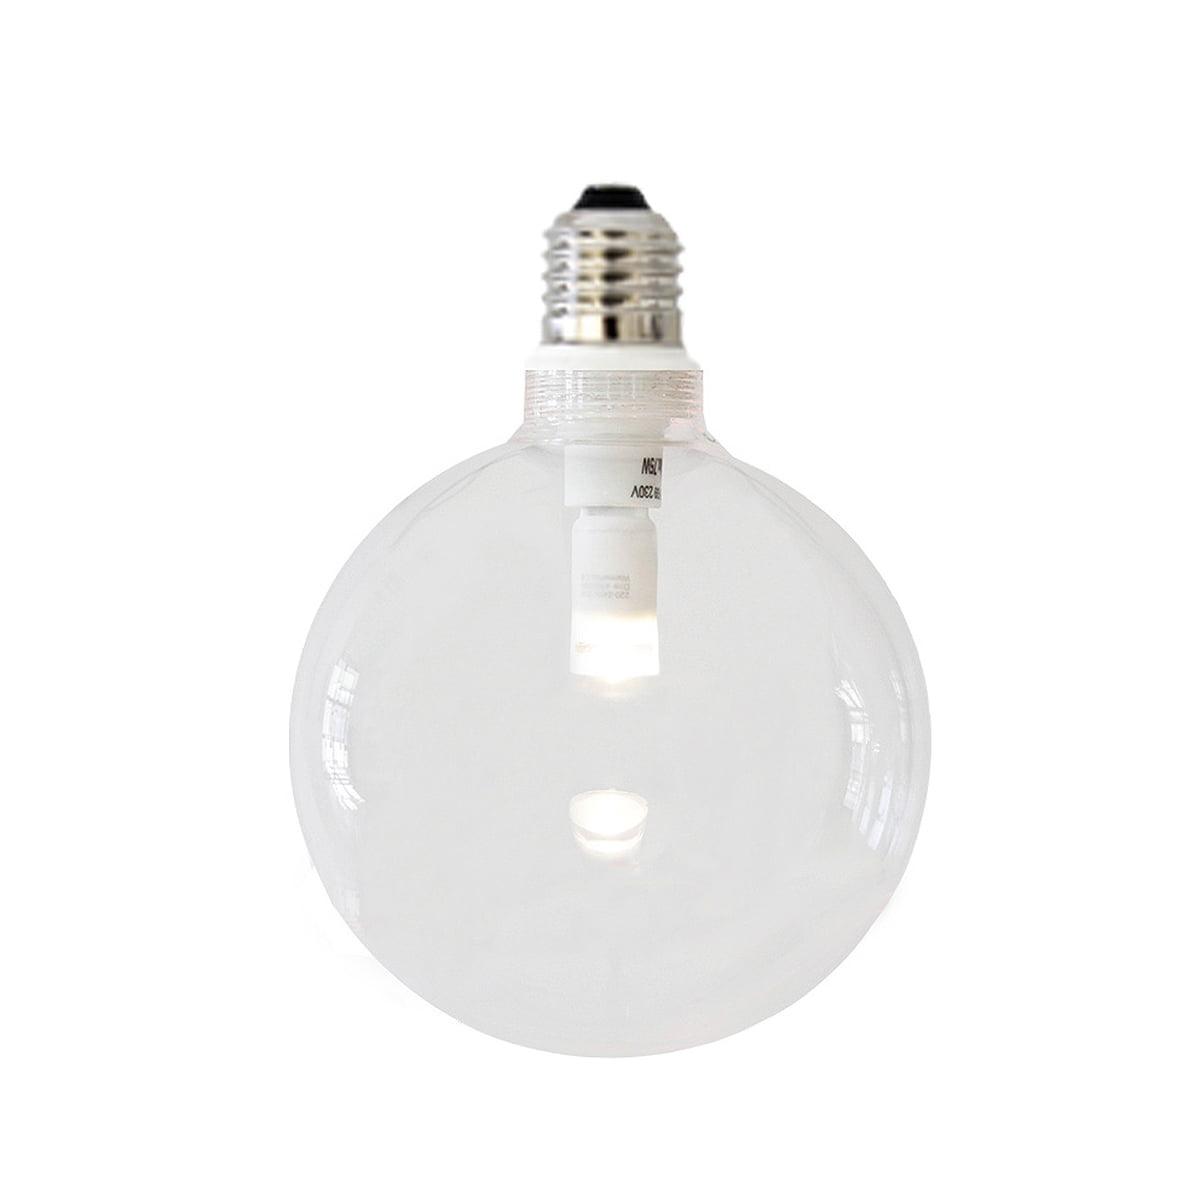 ampoule led dimmable au verre transparent de nud collection. Black Bedroom Furniture Sets. Home Design Ideas